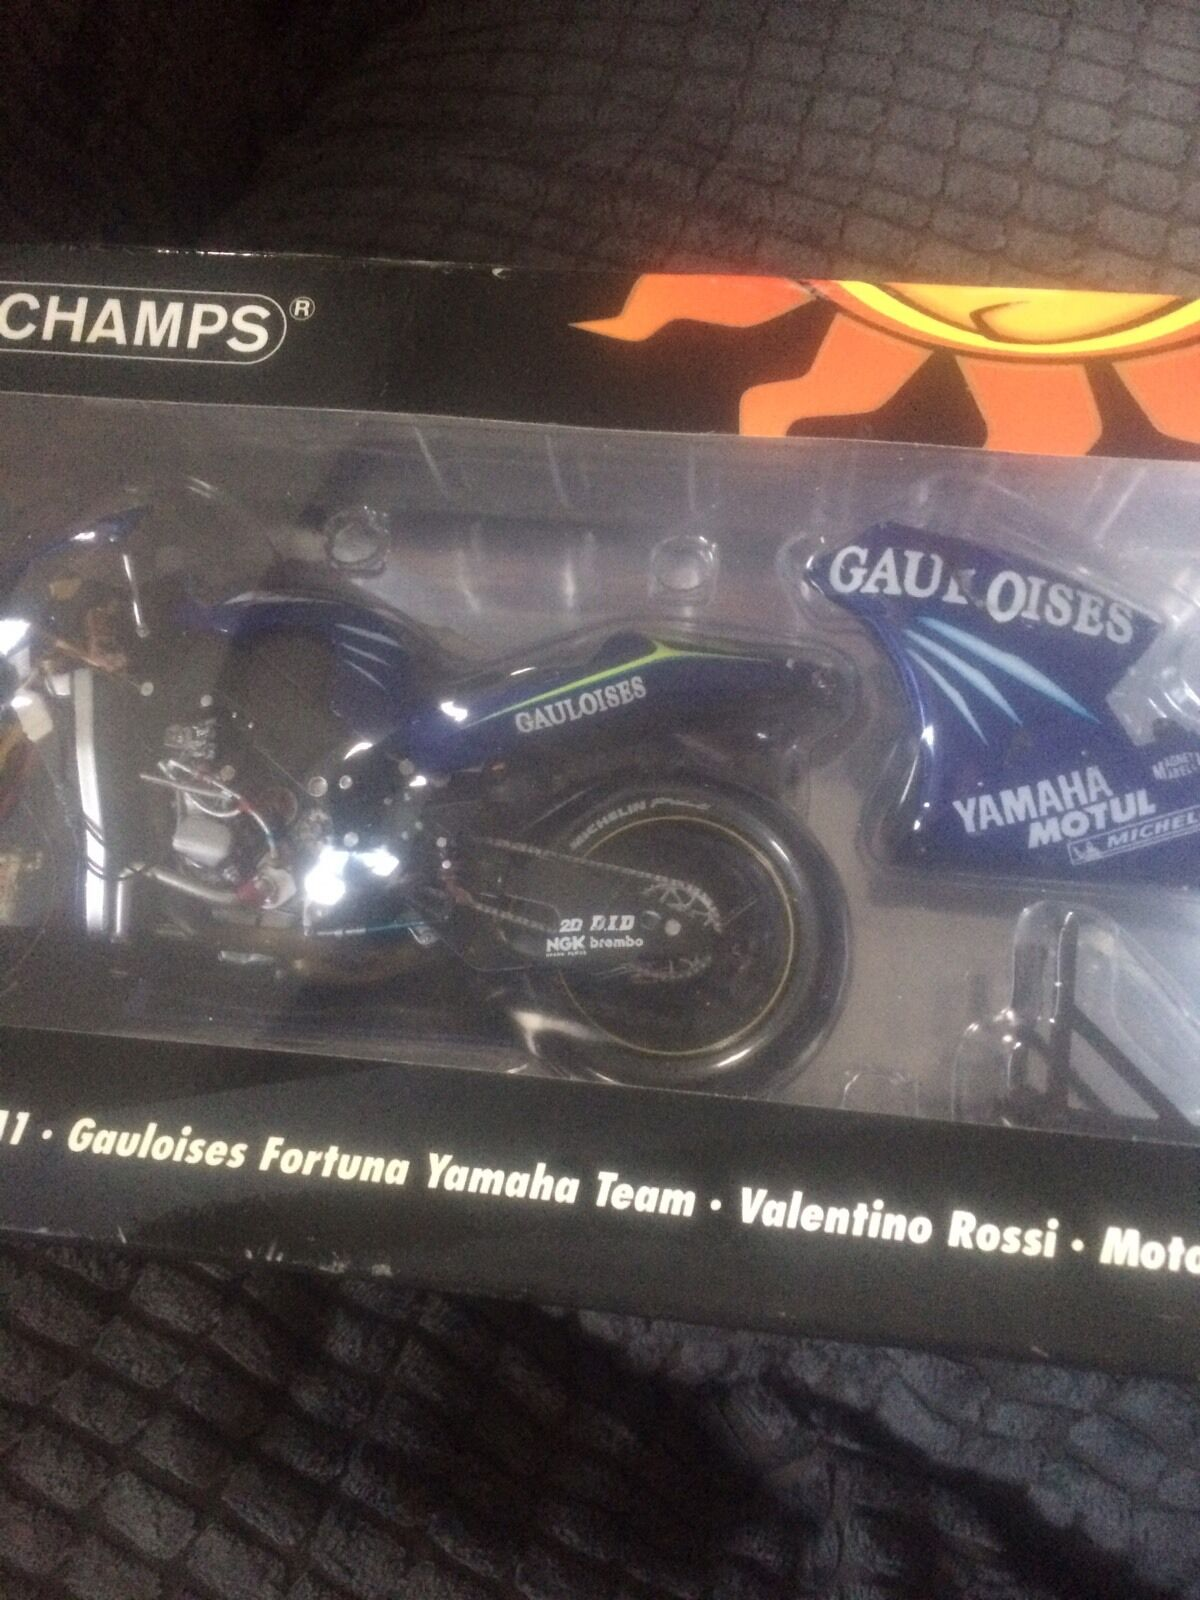 Valentino Rossi minichamps Gaulosis Yamaha M1 2004 and Rider code 3